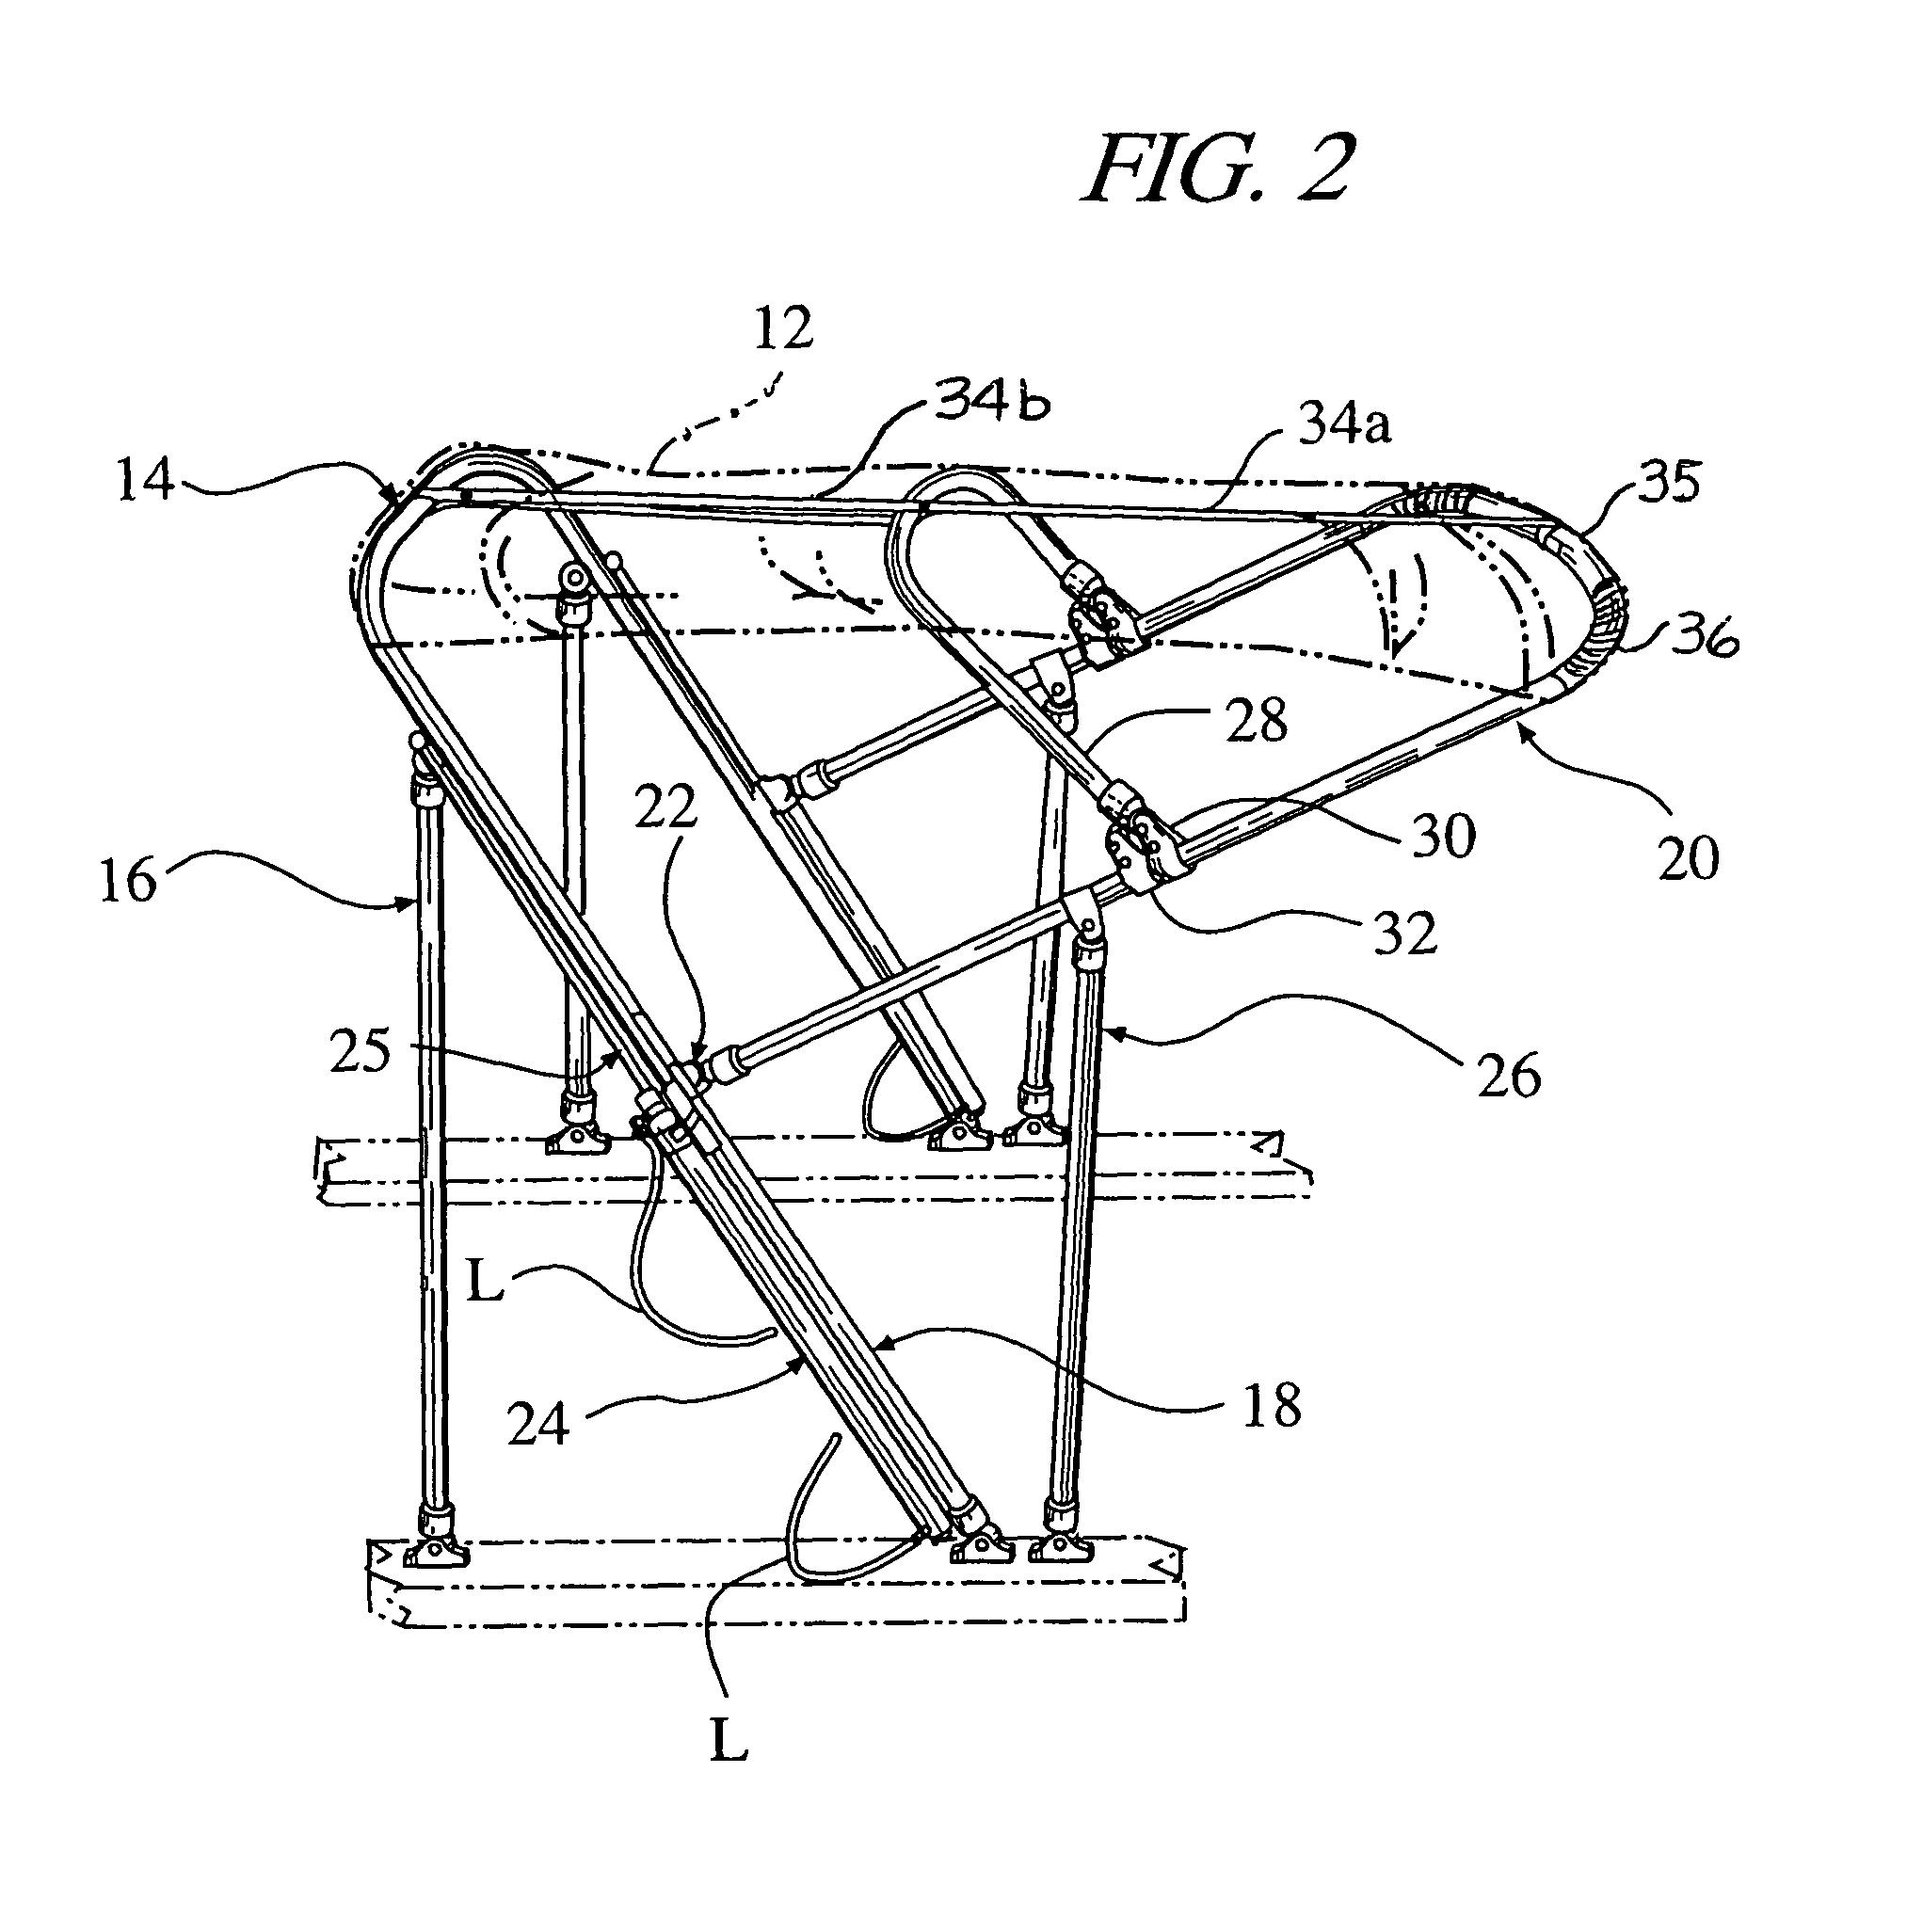 Bimini Parts Diagram Diagram Auto Wiring Diagram